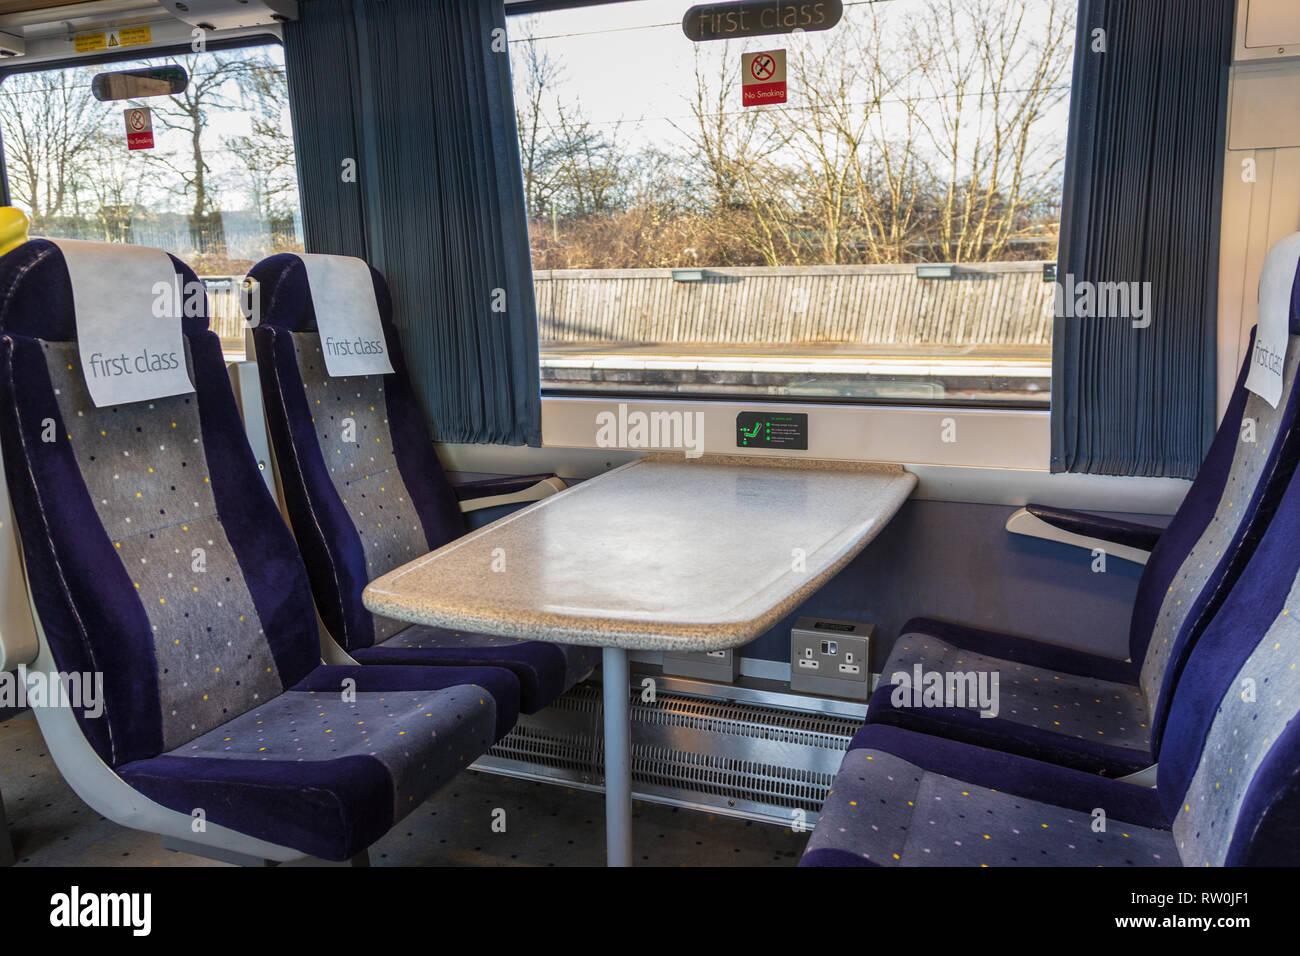 Première classe vide assis dans un train. Les quatre sièges bleu et le tableau sont à côté d'une fenêtre avec un signe de première classe Banque D'Images